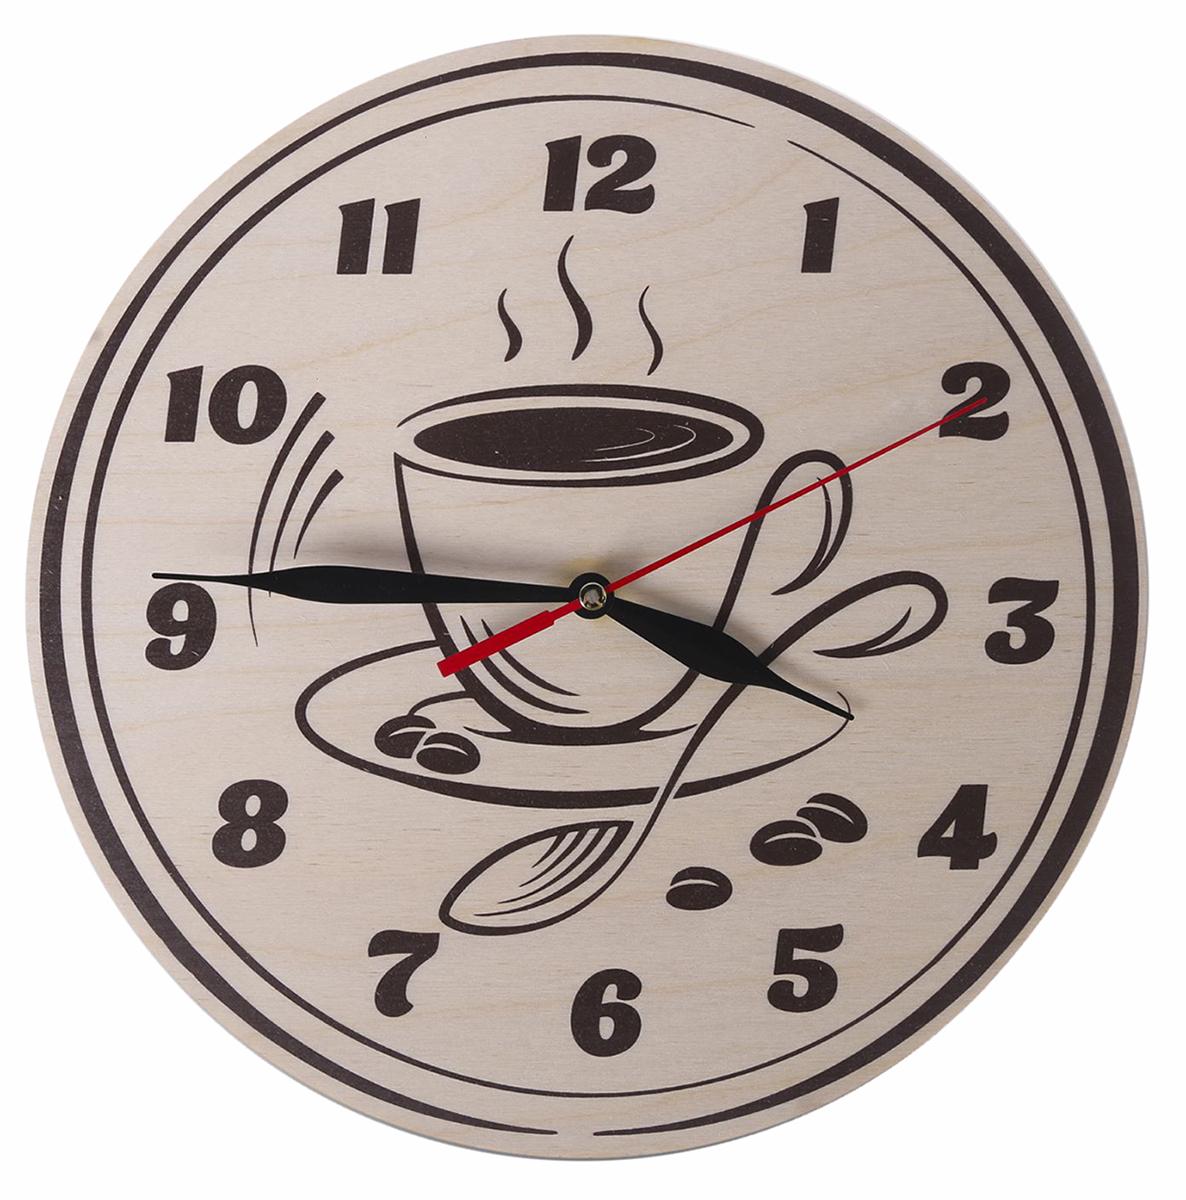 Часы настенные Кофейные, диаметр 25 см. 24978942497894Каждому хозяину периодически приходит мысль обновить свою квартиру, сделать ремонт, перестановку или кардинально поменять внешний вид каждой комнаты. — привлекательная деталь, которая поможет воплотить вашу интерьерную идею, создать неповторимую атмосферу в вашем доме. Окружите себя приятными мелочами, пусть они радуют глаз и дарят гармонию.— сувенир в полном смысле этого слова. И главная его задача — хранить воспоминание о месте, где вы побывали, или о том человеке, который подарил данный предмет. Преподнесите эту вещь своему другу, и она станет достойным украшением его дома.Часы Кофейные круглые, O 25 см 2497894